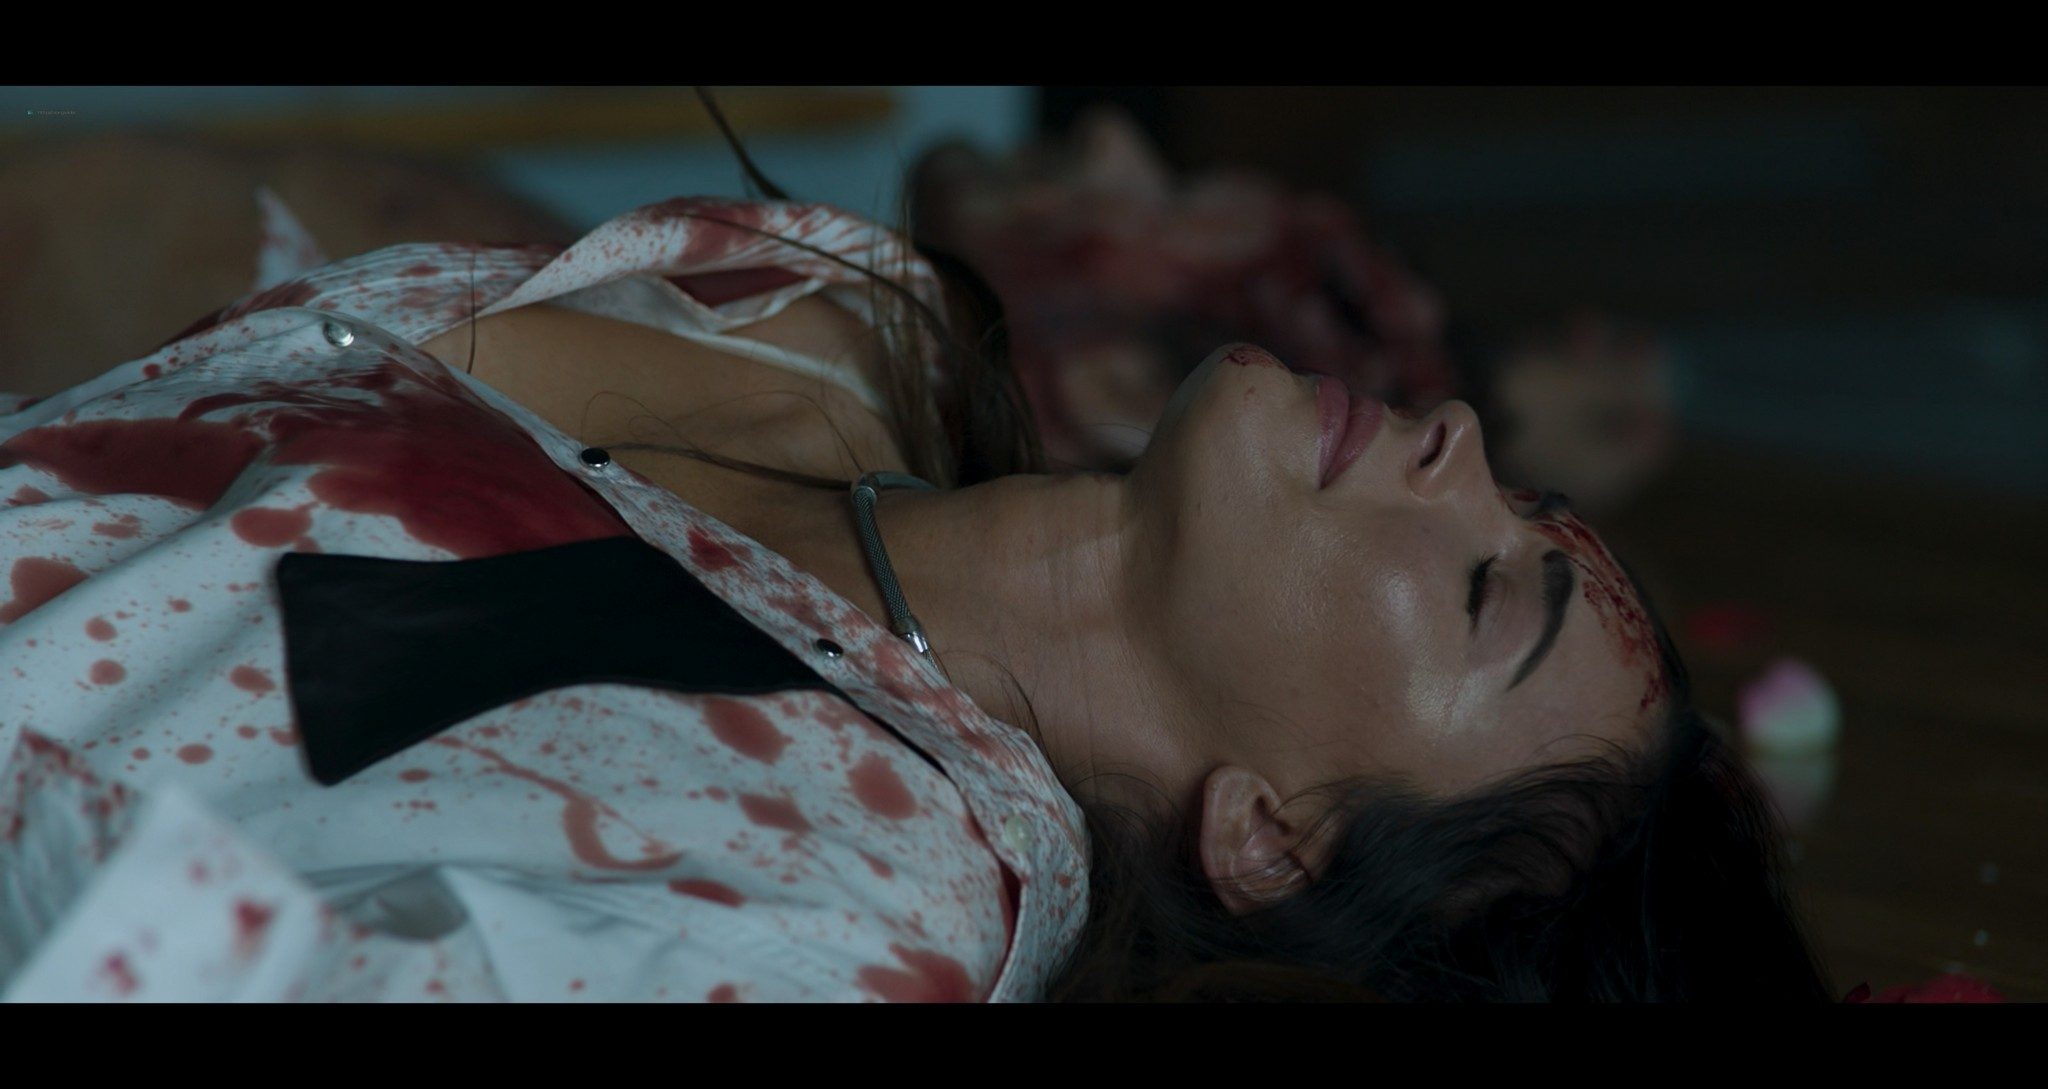 Megan Fox hot and sexy Till Death 2021 4k 2160p Web 16